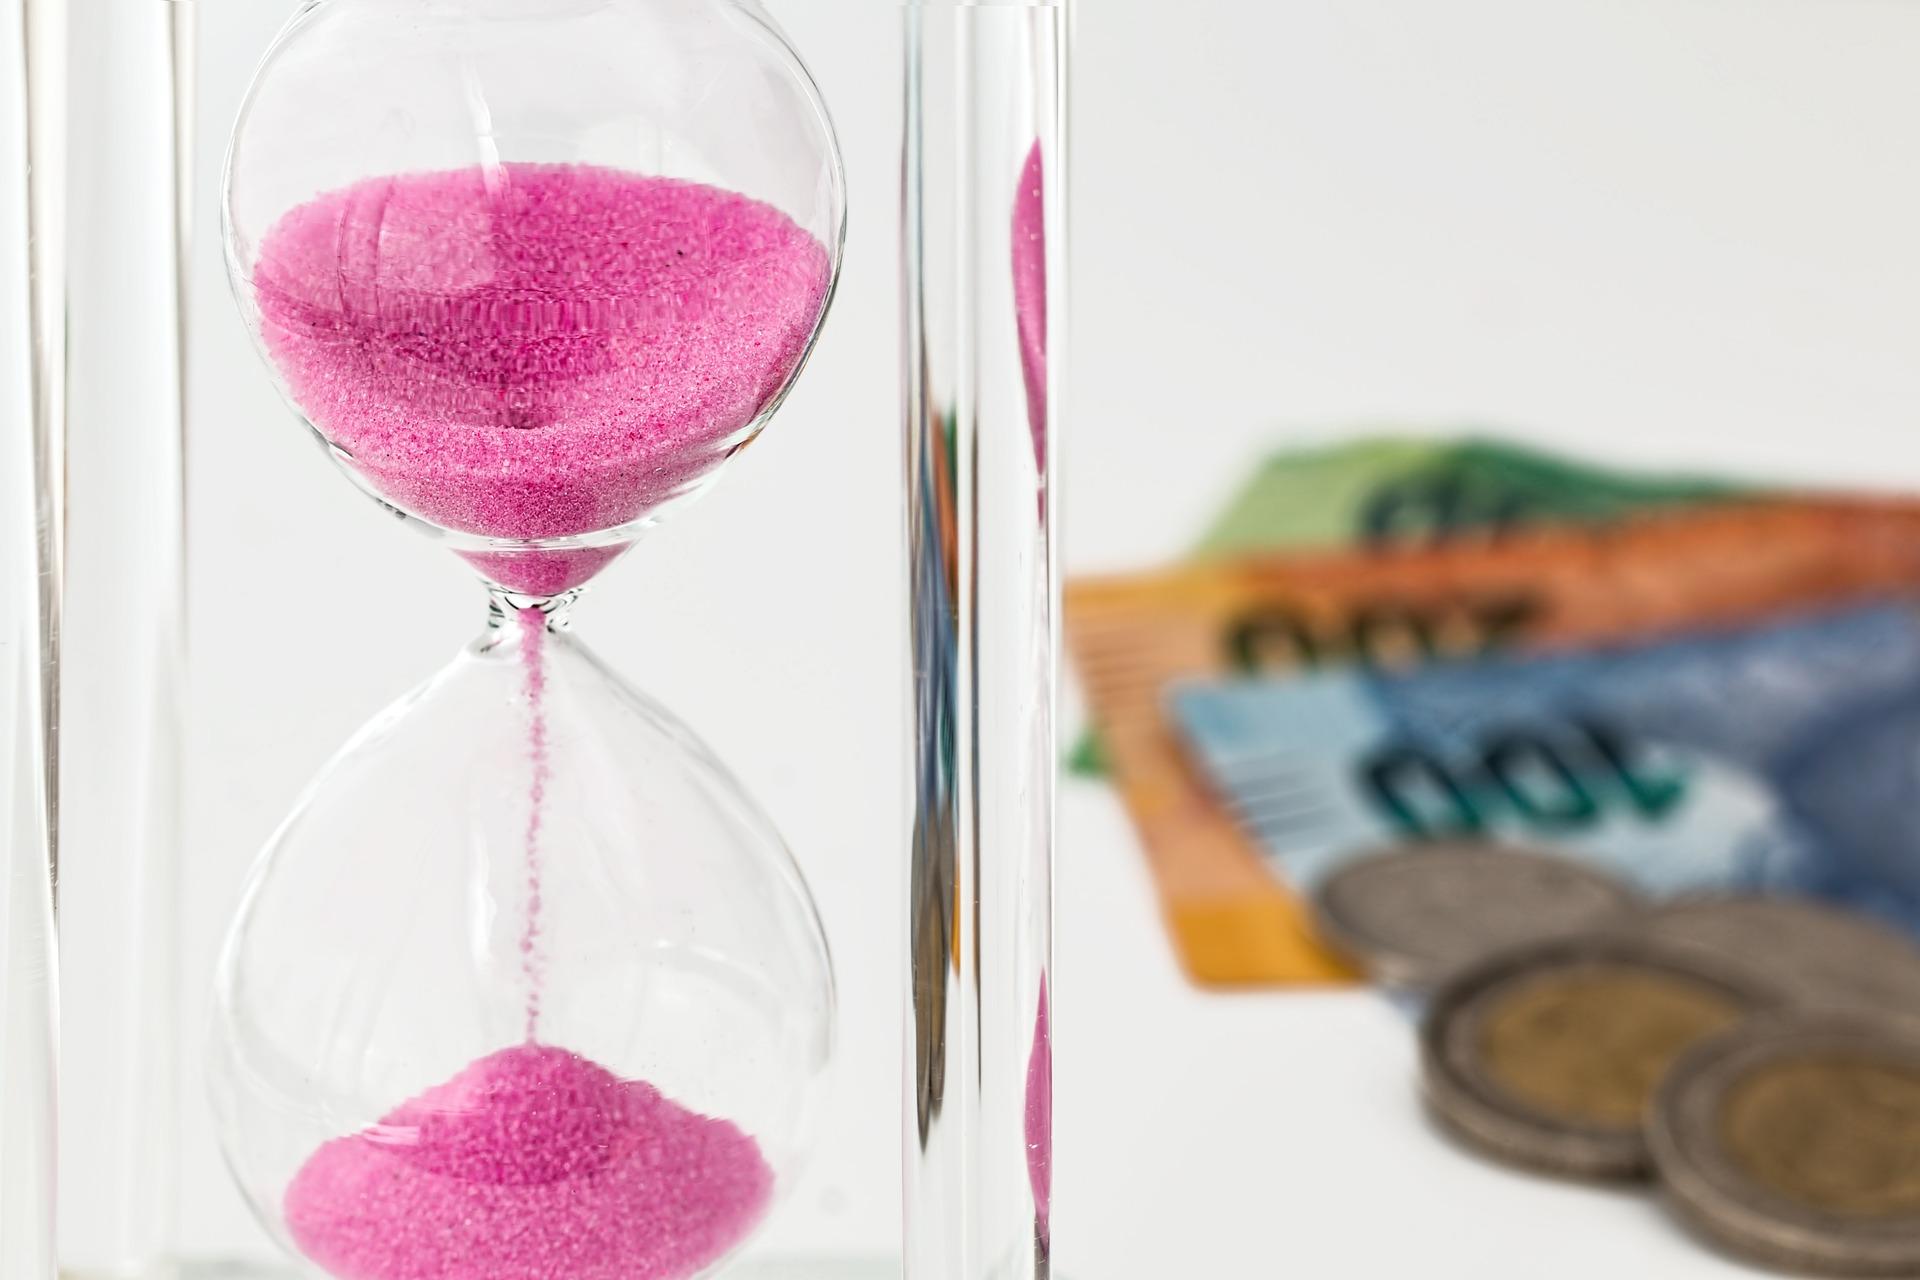 Drops permite maximizar la rentabilidad de los activos NFT y DeFi aprovechándolos como garantía